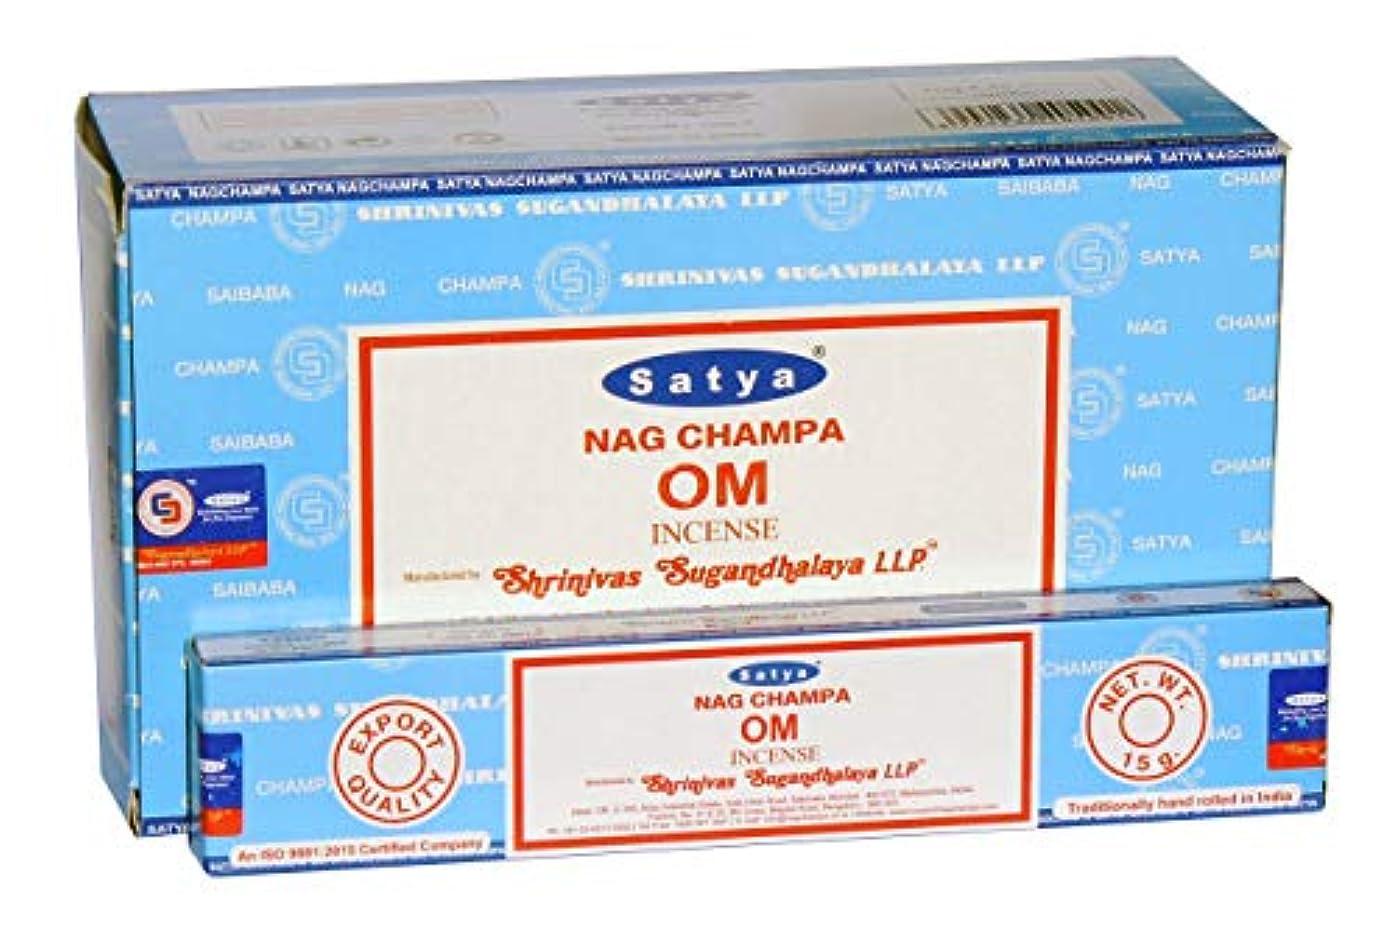 の間に迷彩食事Satya Nag Champa OMインセンススティック| 12パックx 15 Gm | 180グラム箱インドでは伝統的な手巻き